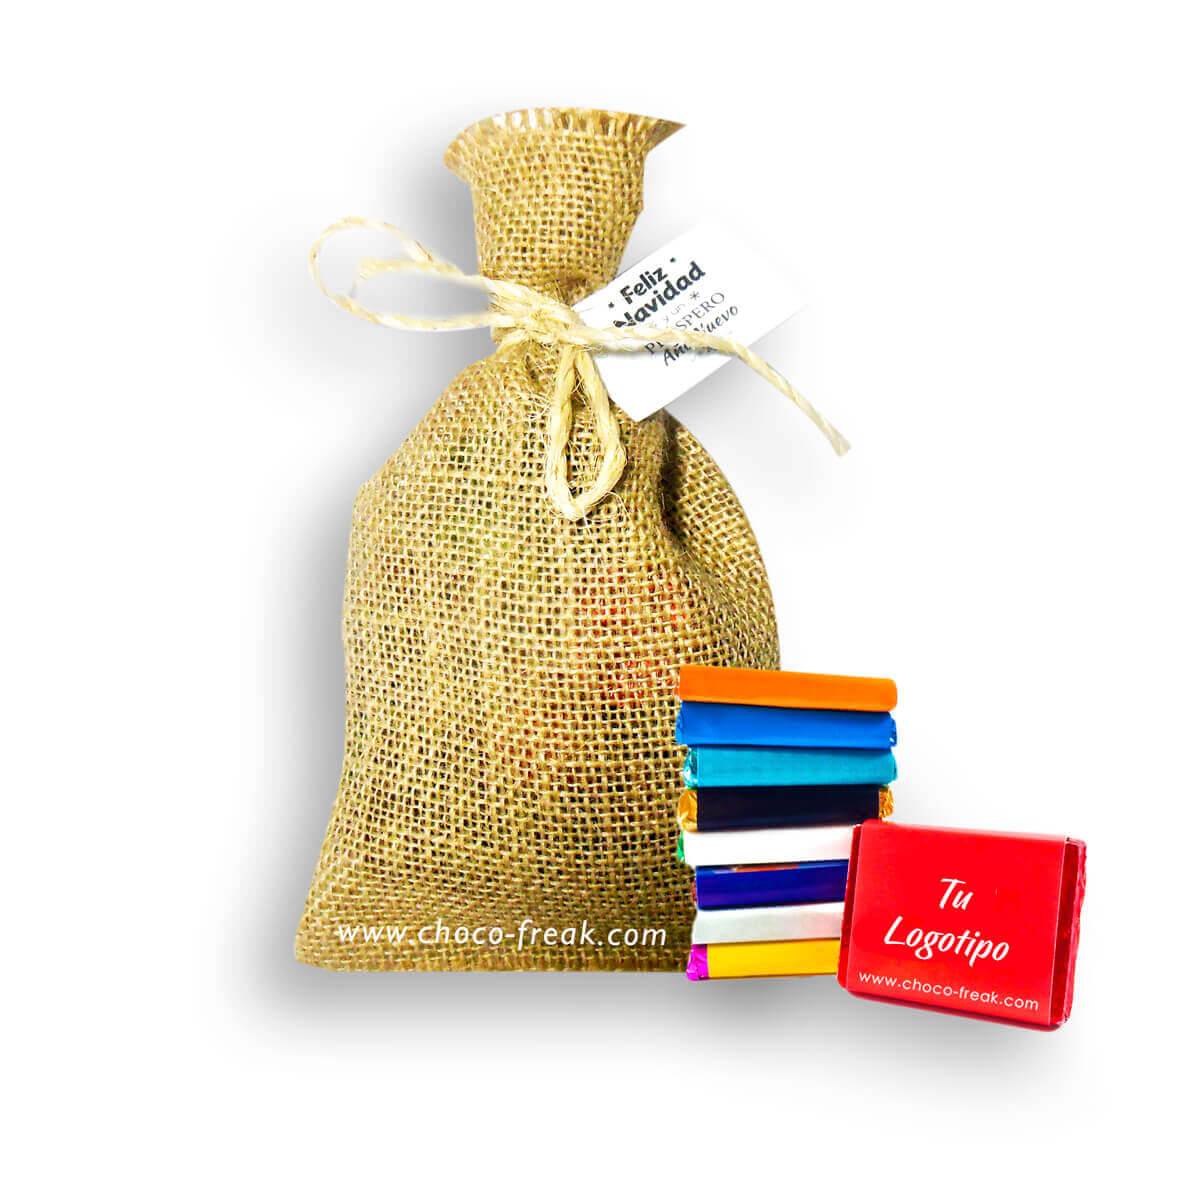 regalos empresariales quito guayaquil gift bag de yute con chocolates personalizados